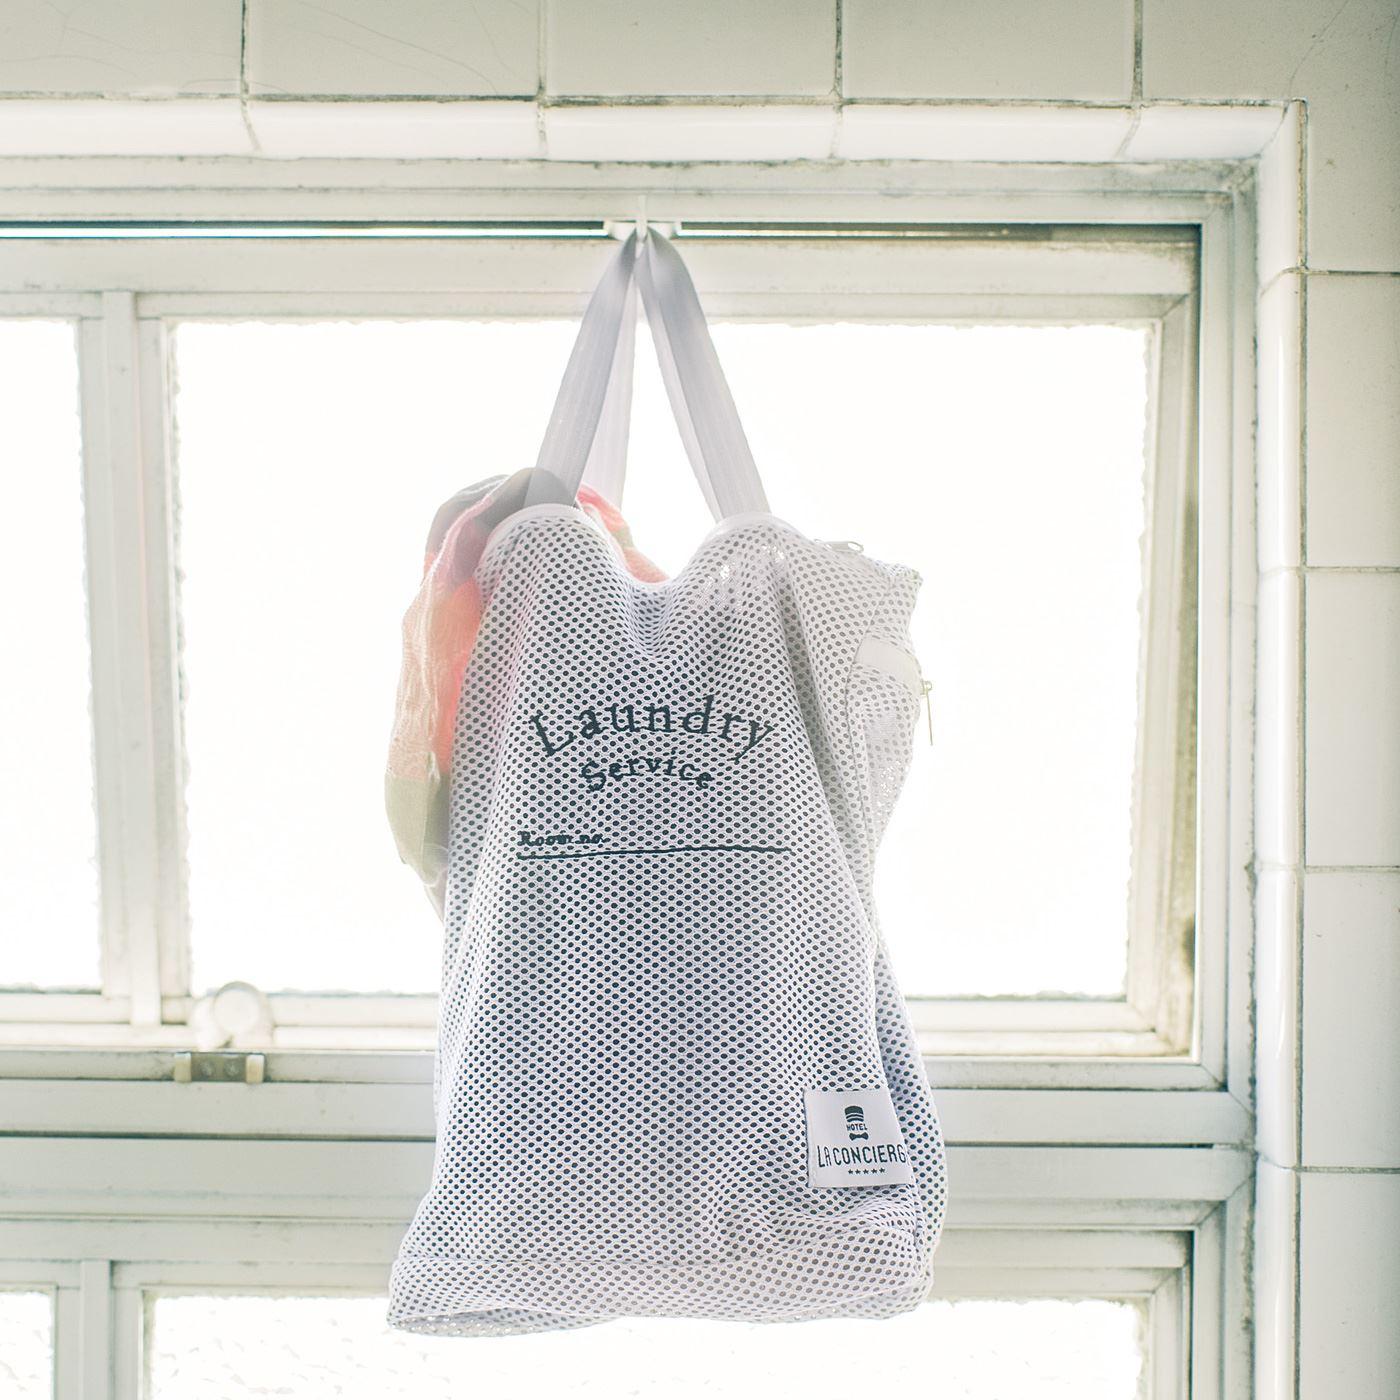 そのまま洗えるランドリーバッグ 「使用前、後の下着やTシャツを分けて収納でき、そのまま洗濯機でも洗える便利なランドリーバッグ。中身が見えにくく、帰宅後の面倒なお洗濯もスムーズです。」